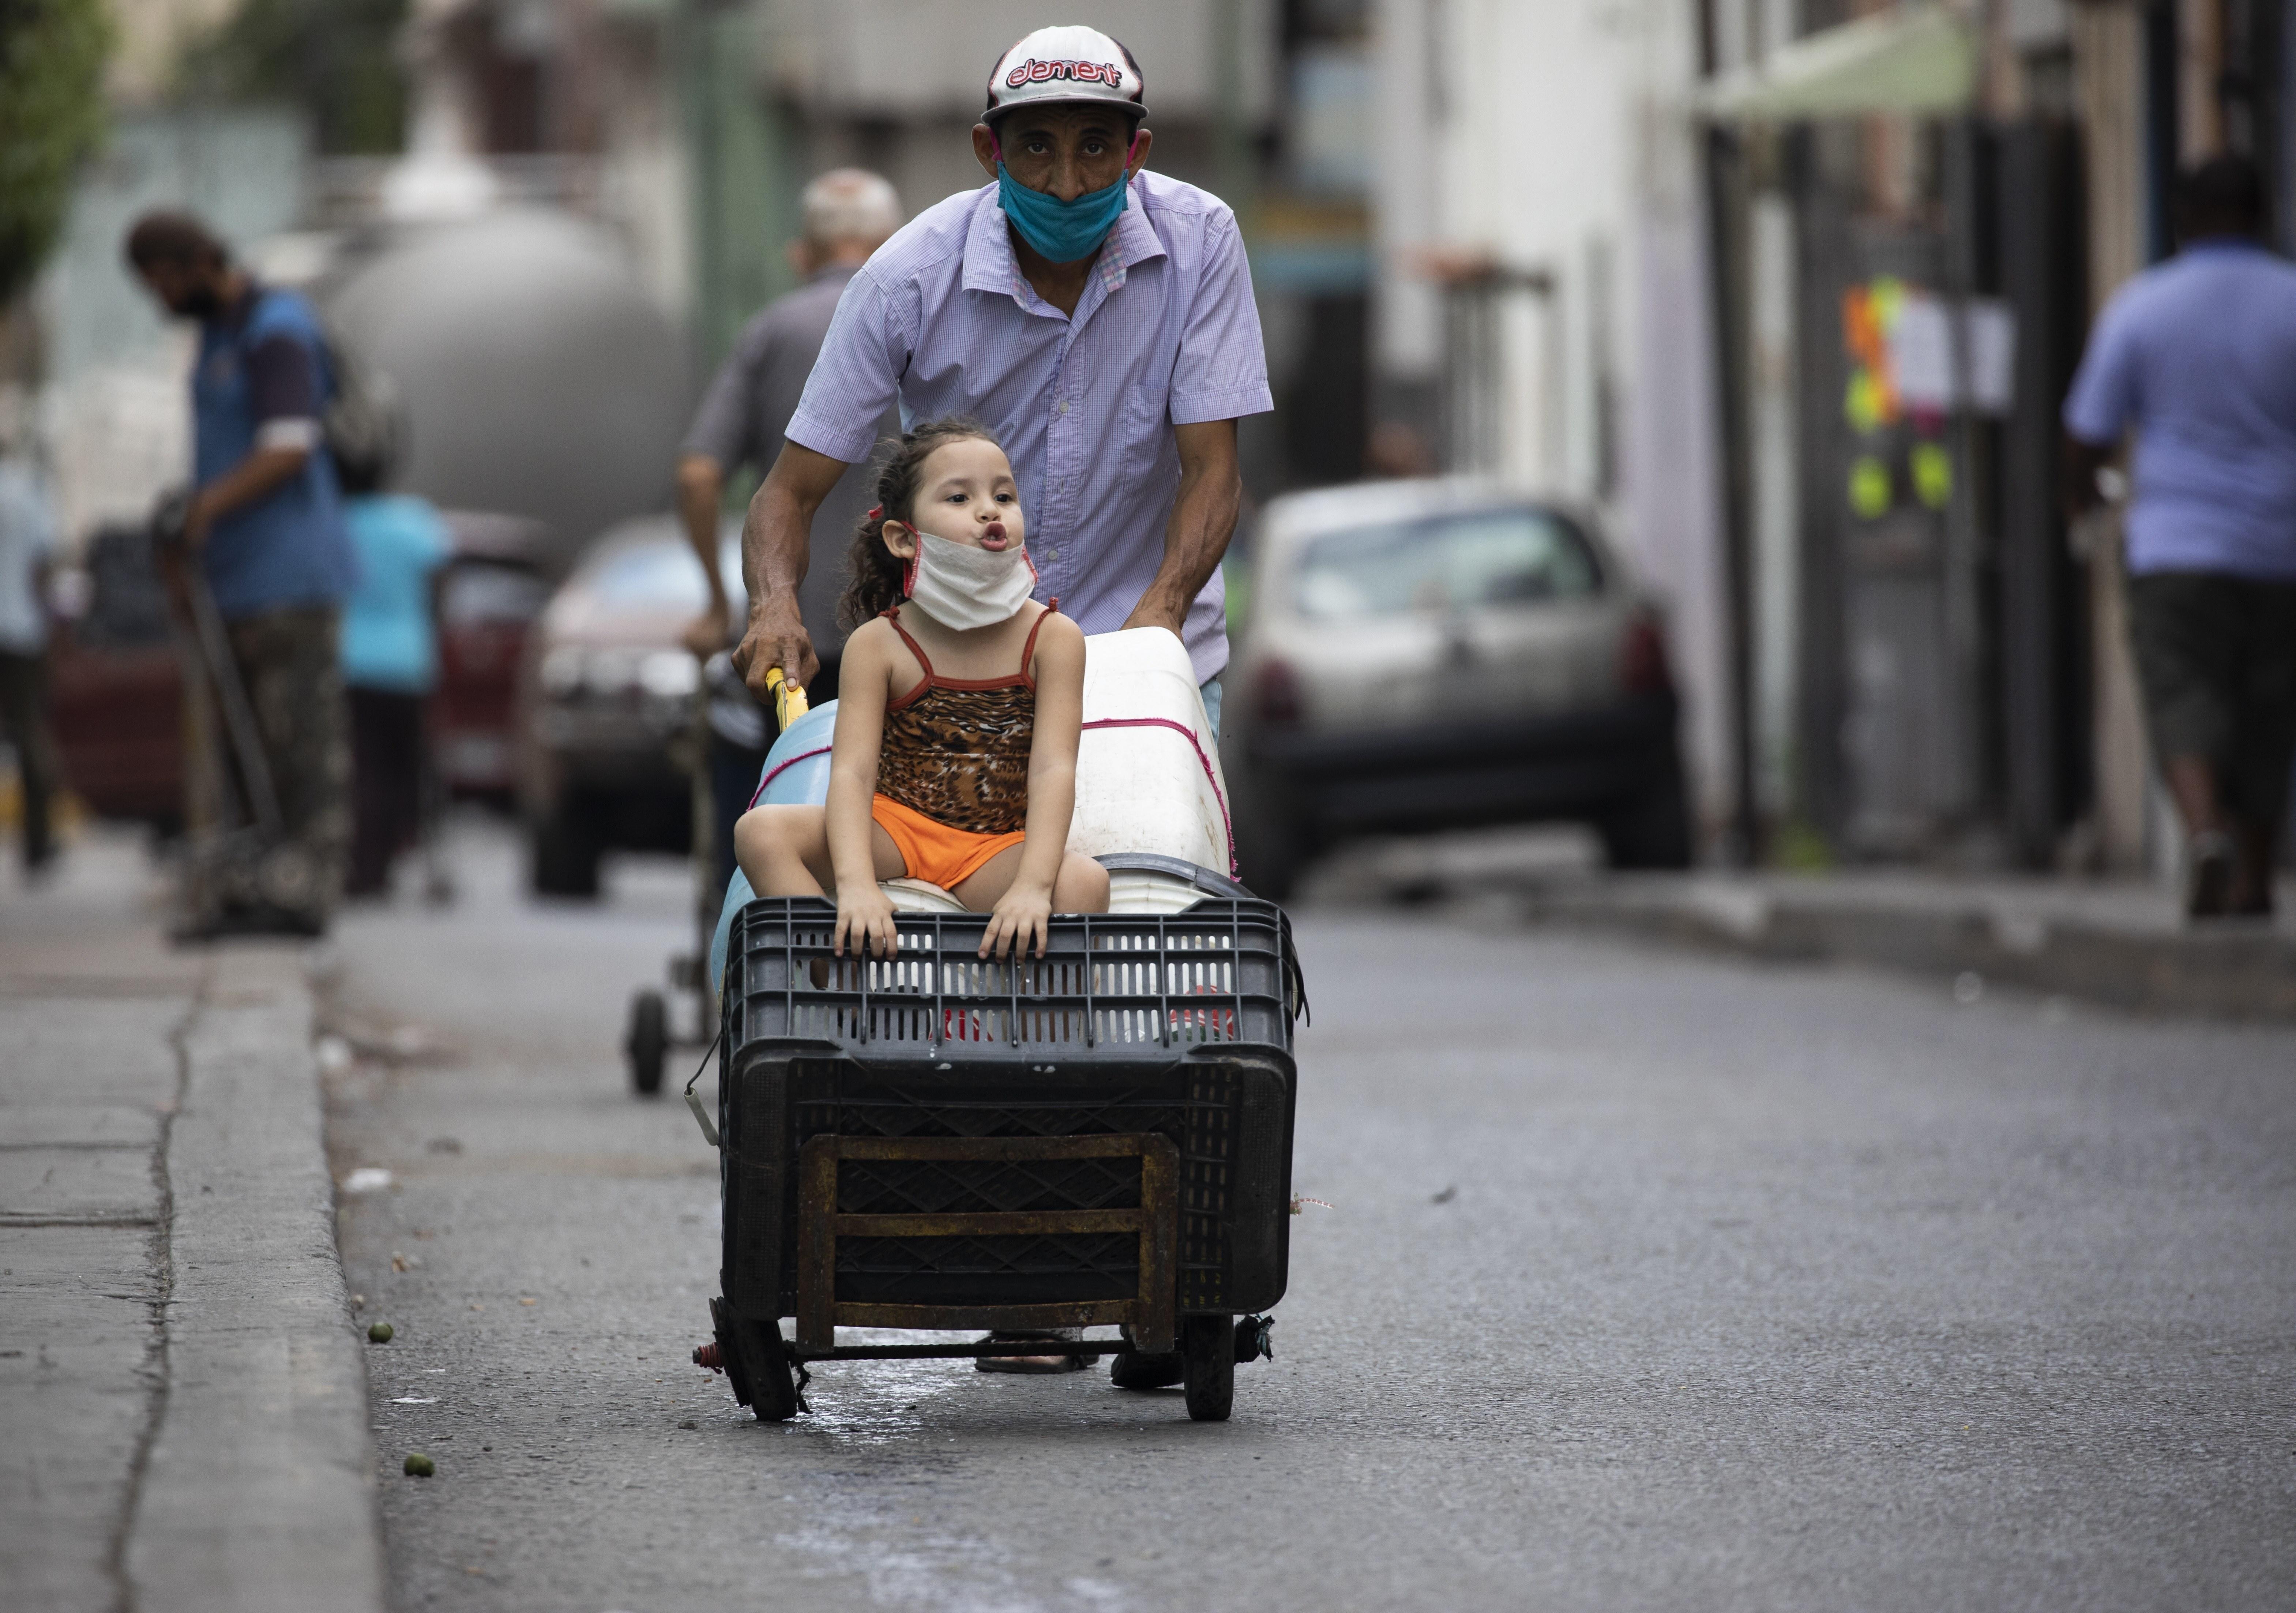 Un hombre, con mascarilla para protegerse del coronavirus, empuja un carrito lleno de recipientes de agua vacíos mientras va, acompañado de una niña, en busca de agua, en Caracas, Venezuela, el 20 de junio de 2020. Sin agua corriente en sus casas, los residentes no tienen más opción que salir a buscarla, violando la cuarentena decretada en todo el país para combatir la pandemia. (AP Foto/Ariana Cubillos)